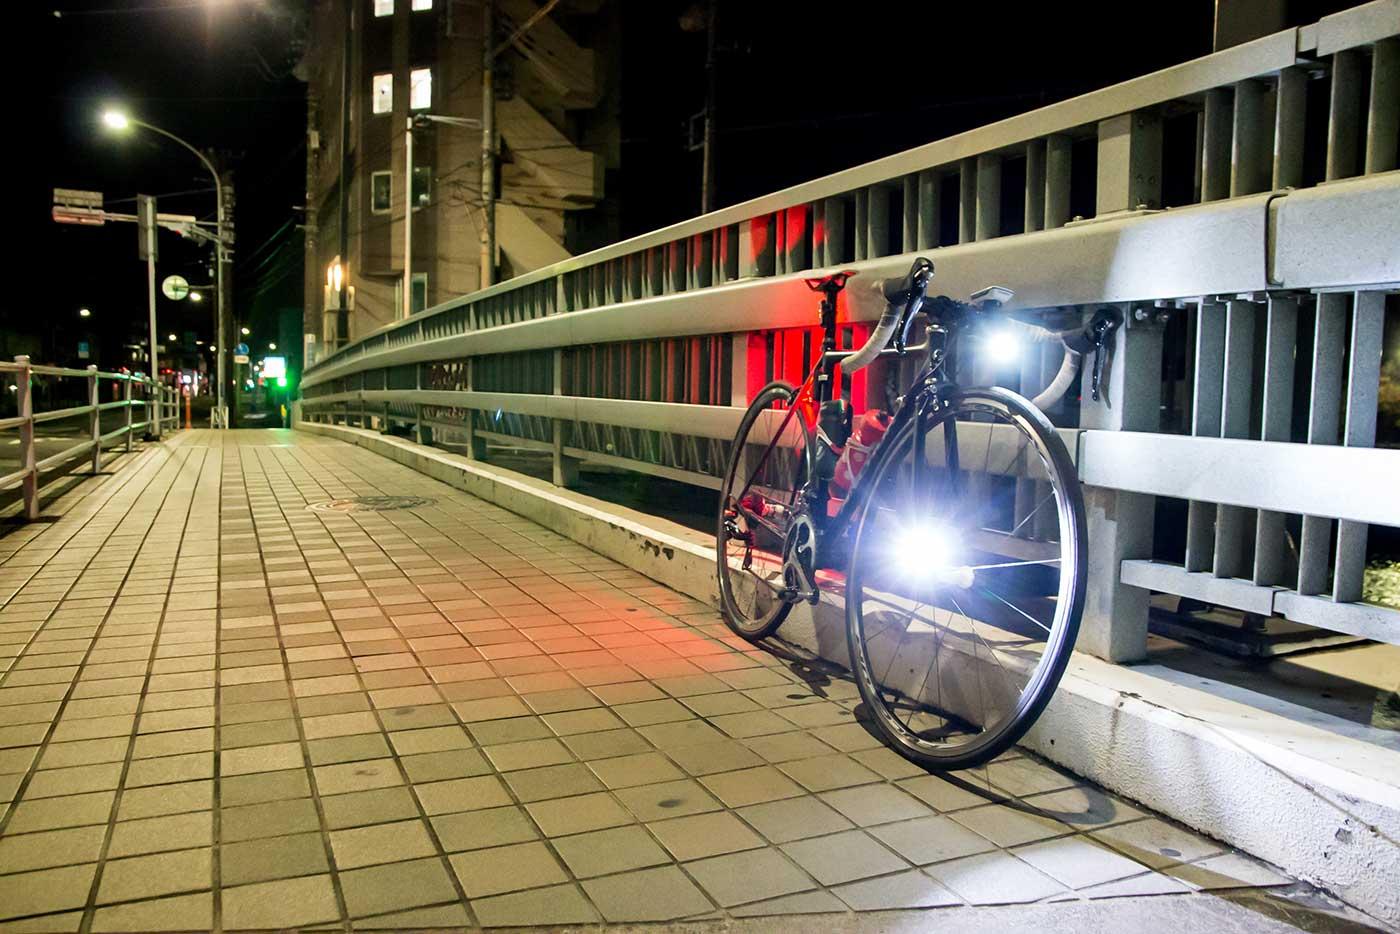 ライトを2つ取り付けたロードバイク